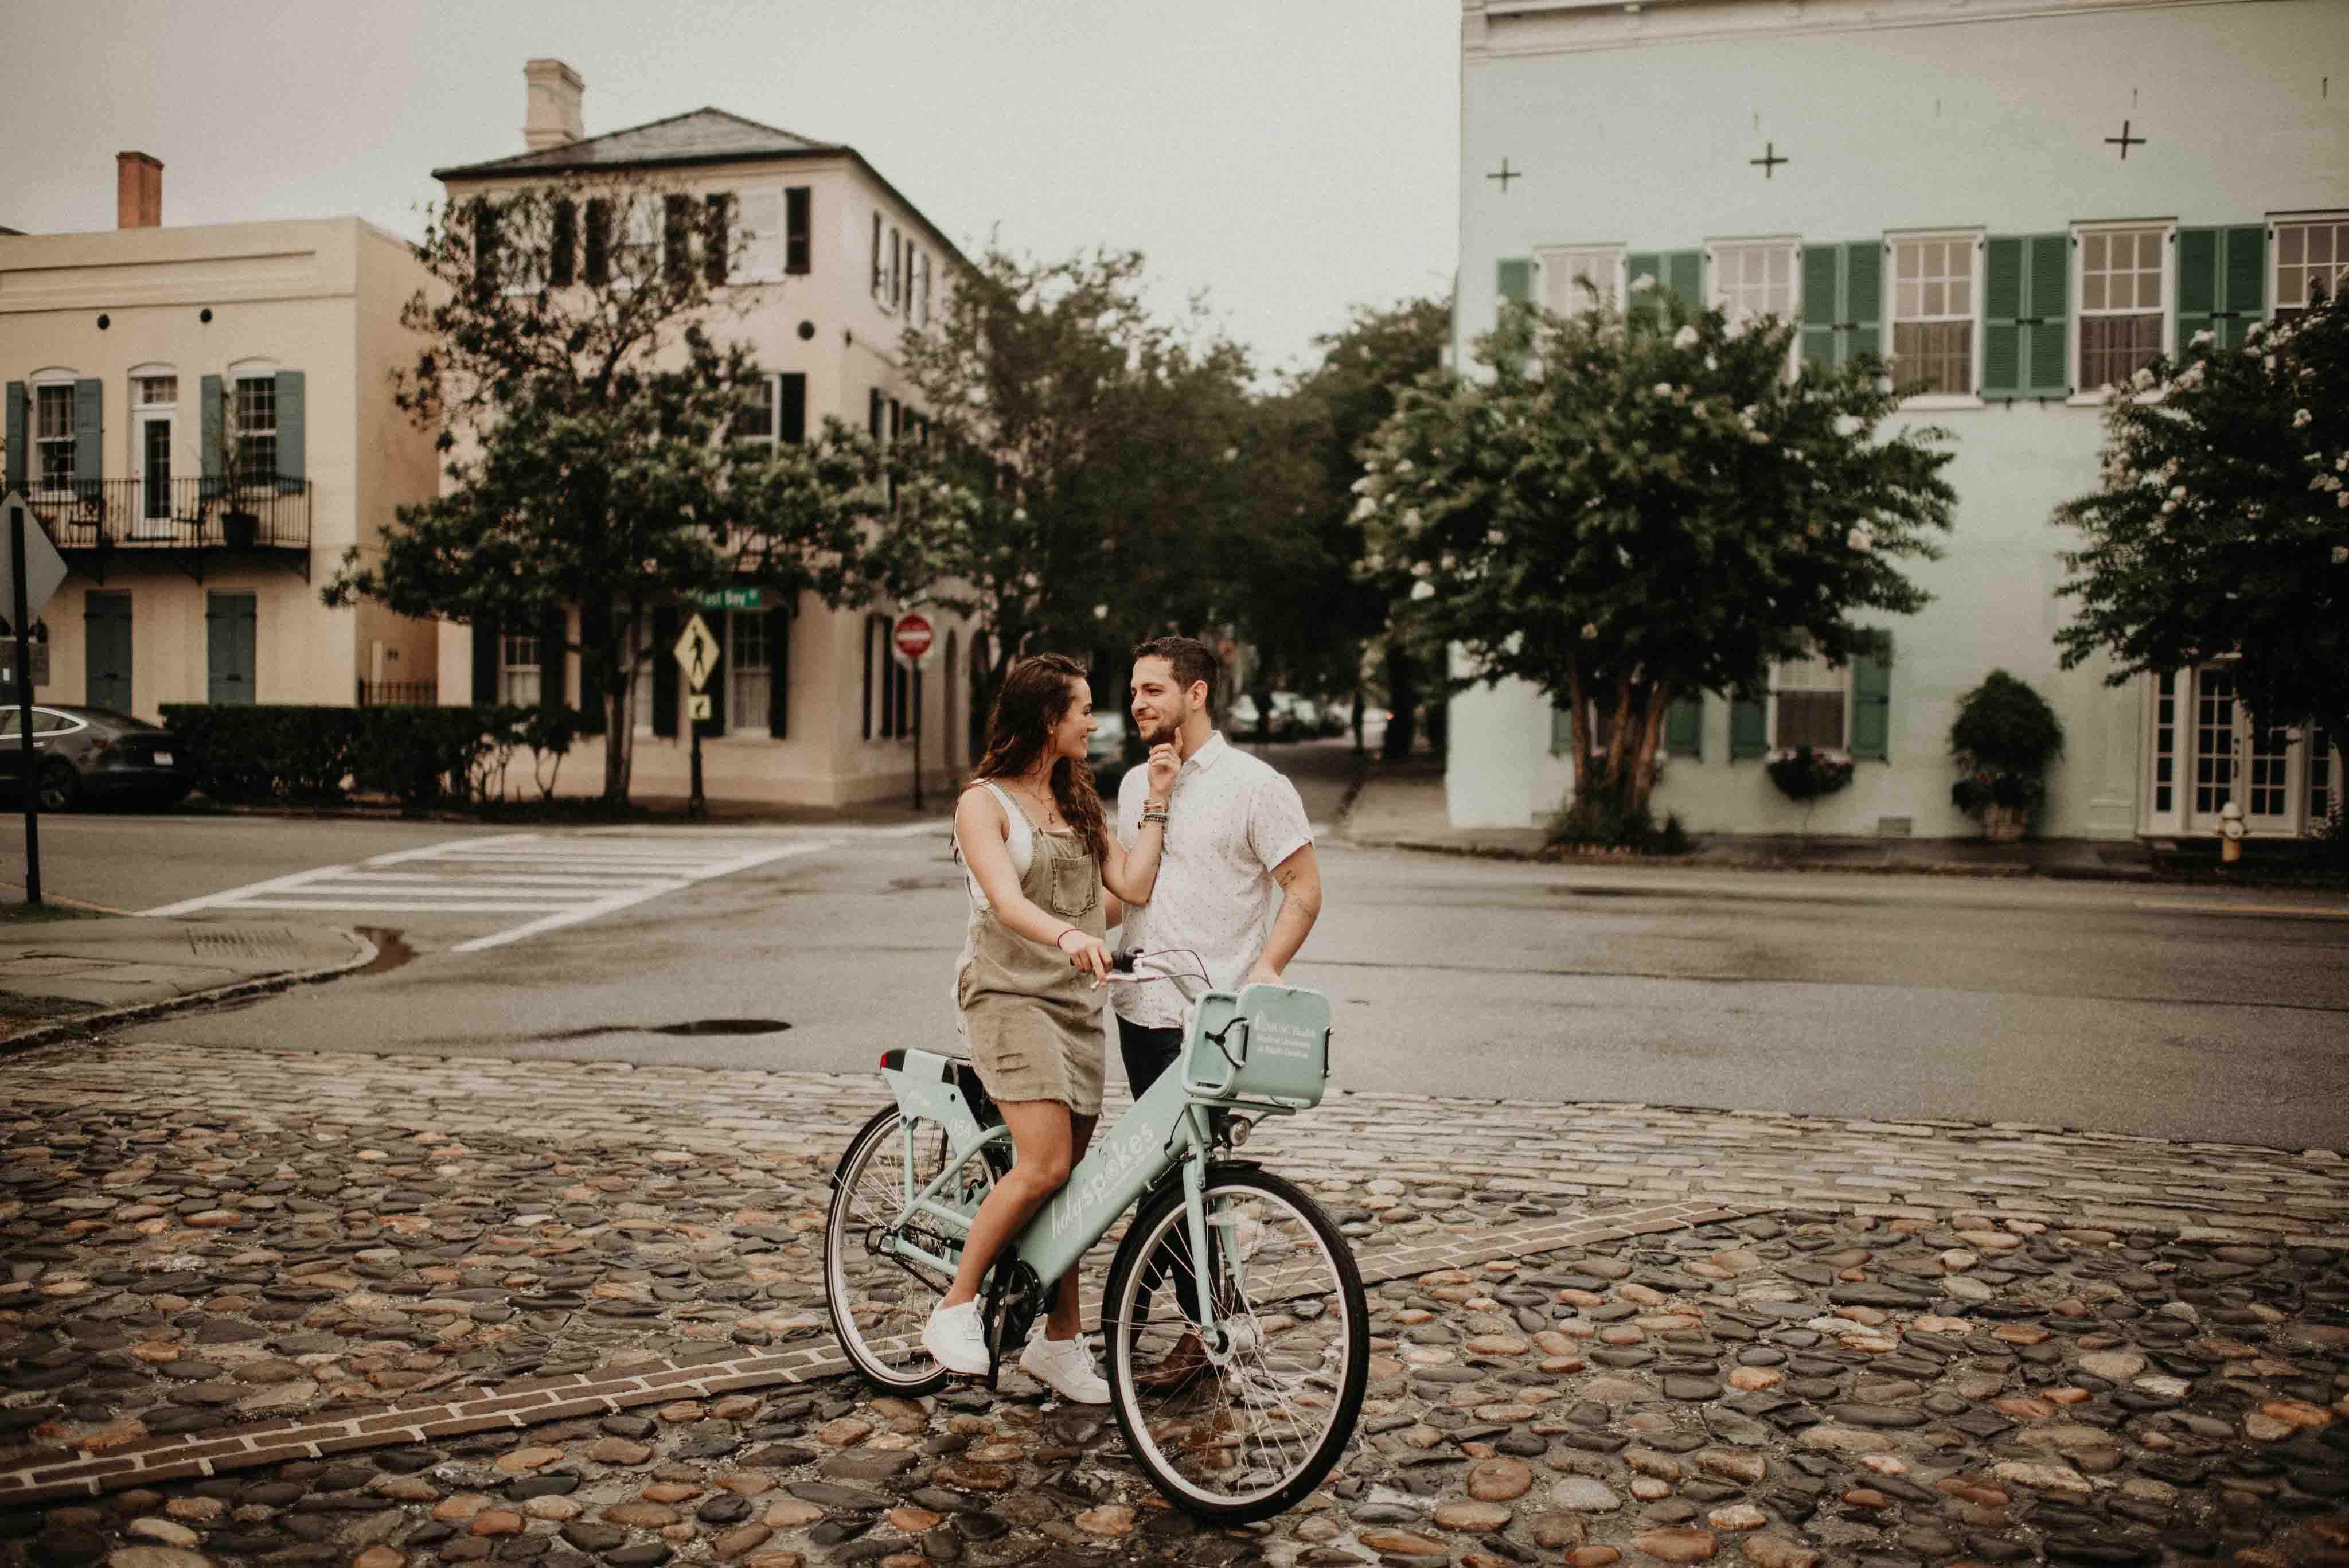 cặp đôi cung hoàng đạo và chiếc xe đạp